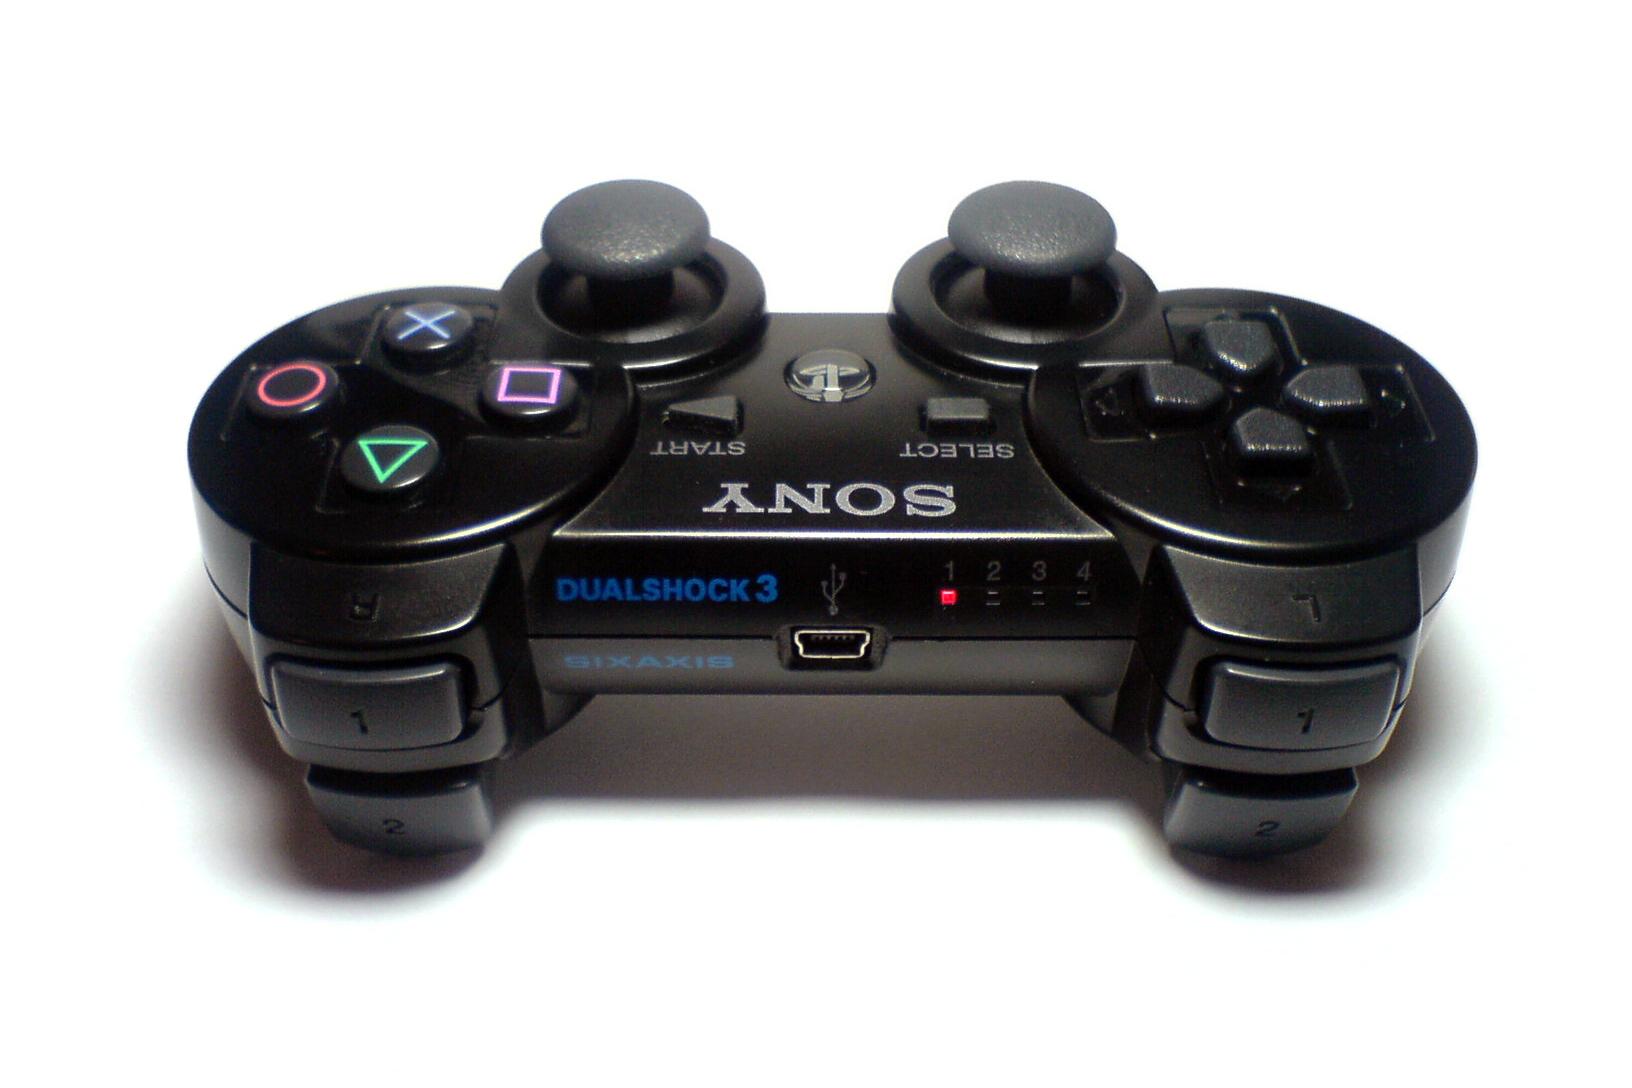 Sony DualShock 3 Controller nổi bật với các tính năng chuyên dụng: kết nối sóng Bluetooth hoặc USB wireless, sở hữu chức năng rung, sử dụng pin sạc Lithium-Ion và điều đặc biệt là có thể vừa chơi vừa sạc pin khi kết nối qua cổng USB. Vì thế, các game thủ hãy sở hữu ngay cho mình một chiếc chiếc tay cầm chơi game Sony DualShock 3 nhé.